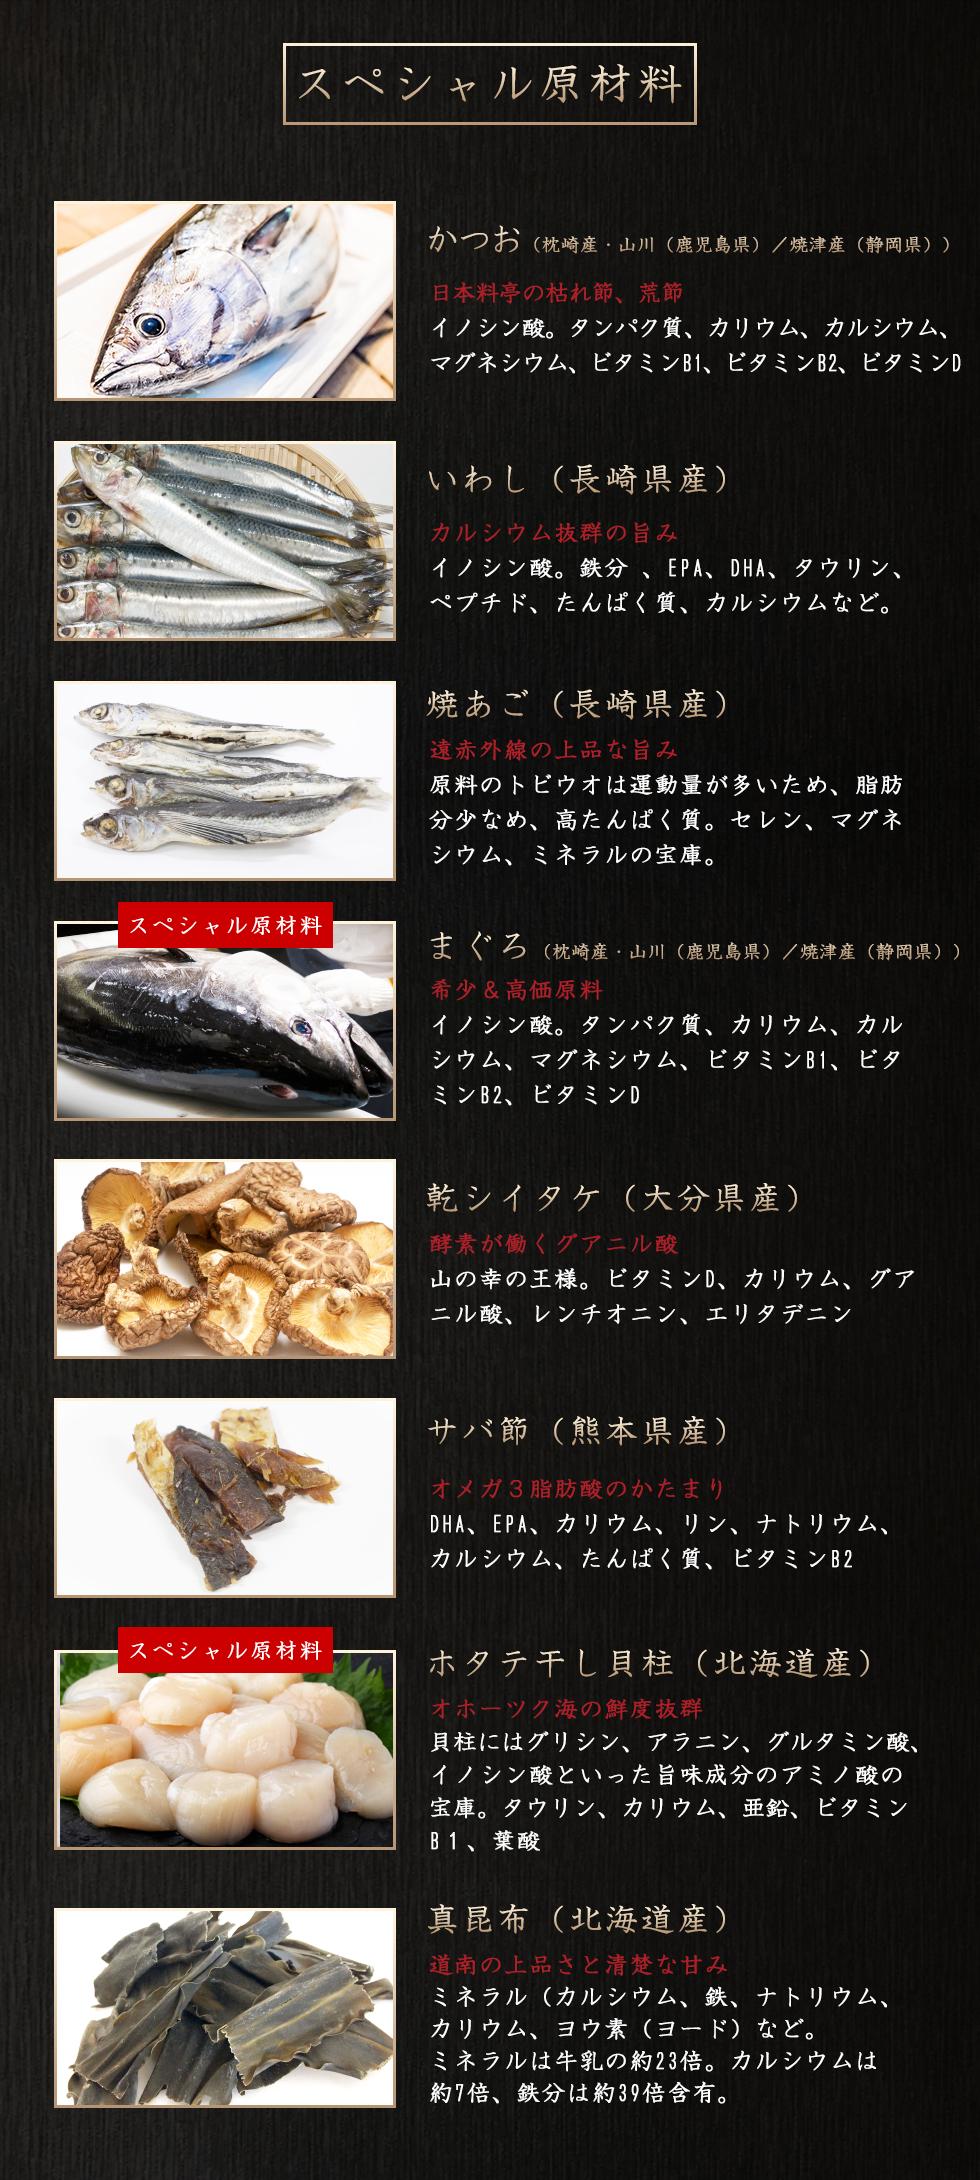 スペシャル原材料 かつお いわし 焼きあご まぐろ 乾シイタケ サバ節 ホタテ干し貝柱 真昆布